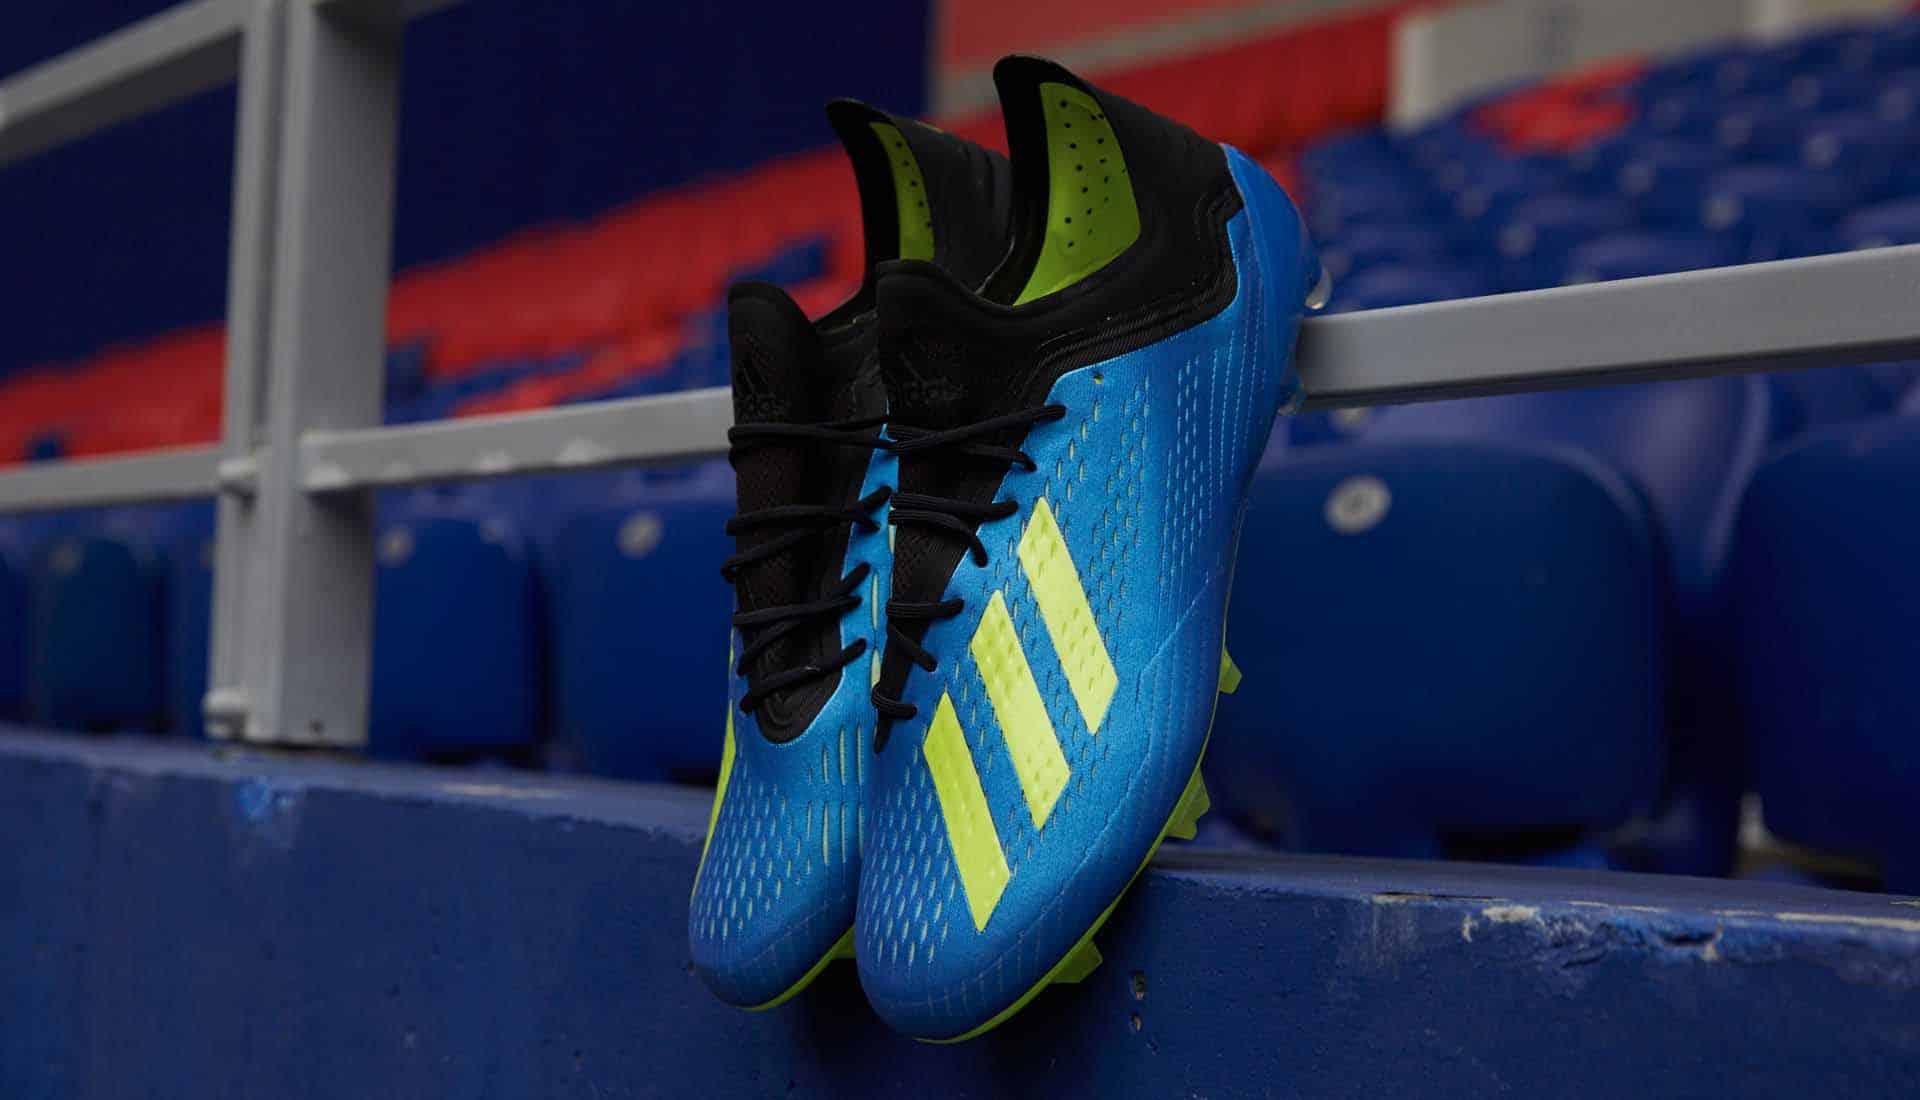 5932fce07162 focus sur la nouvelle x18 1 d 39 adidas. adidas x 18 1 fg core black ...